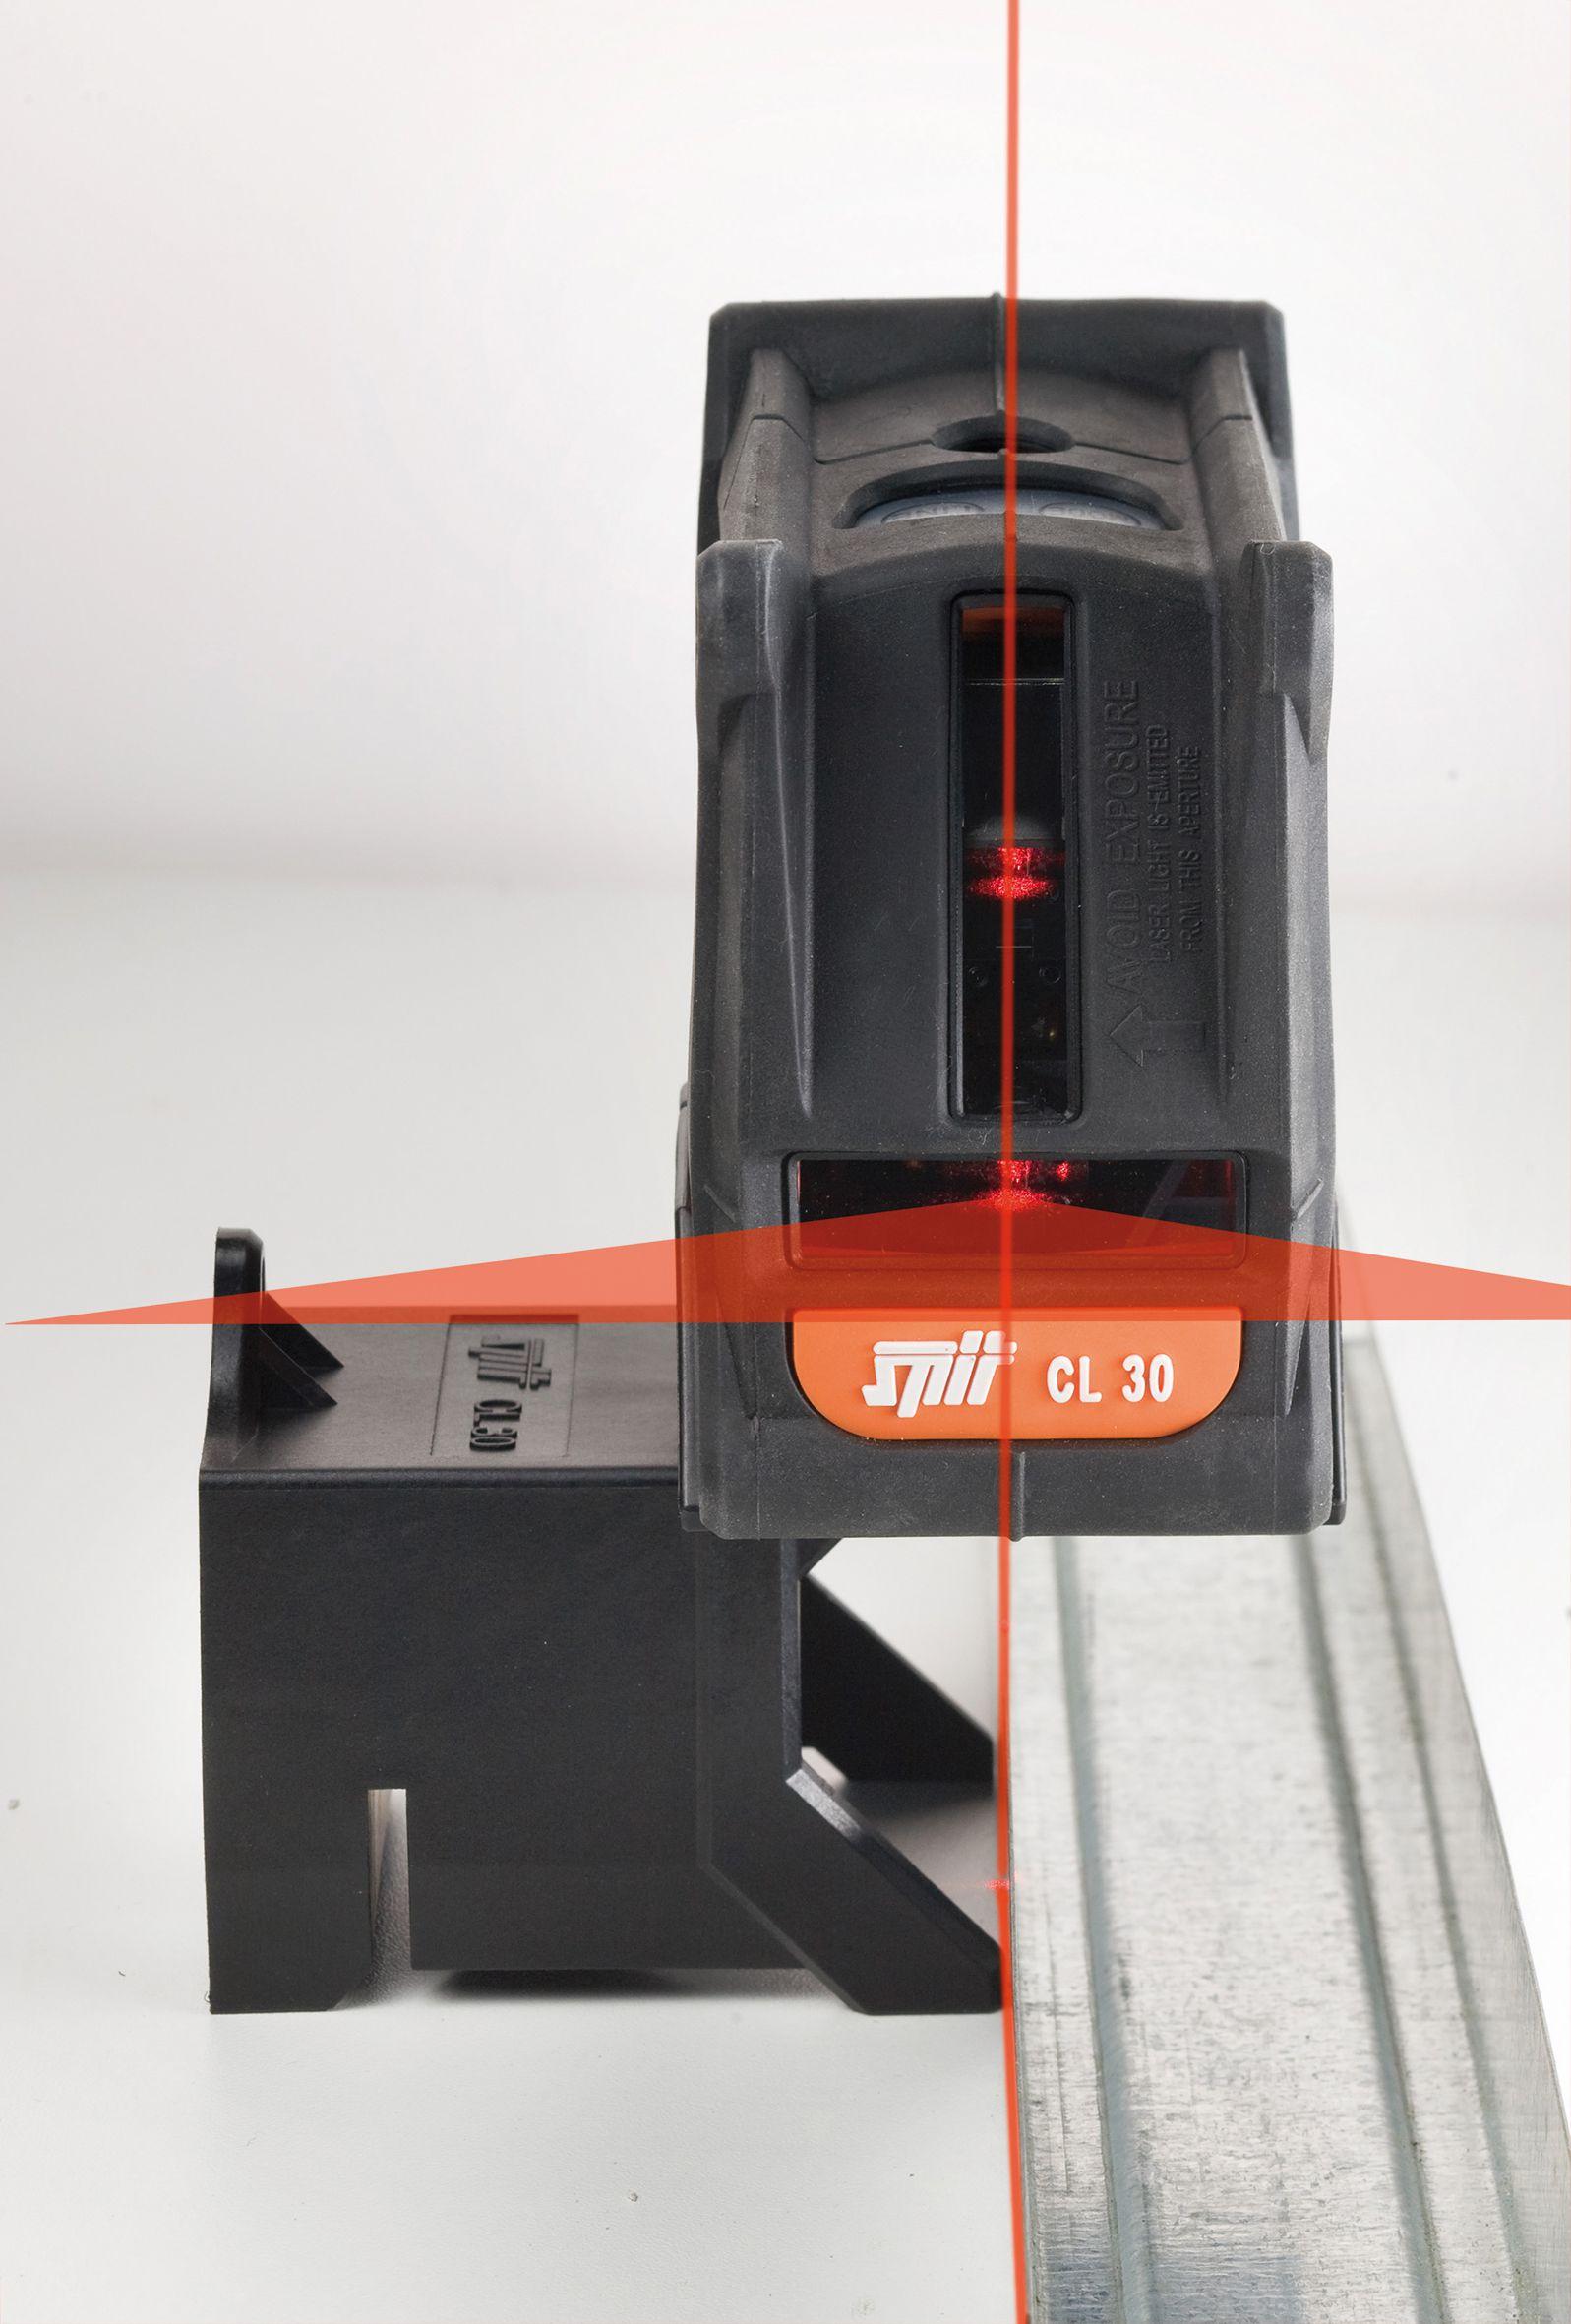 Spit kreuzlinienlaser cl 30 for Laser spit cl 30 prix